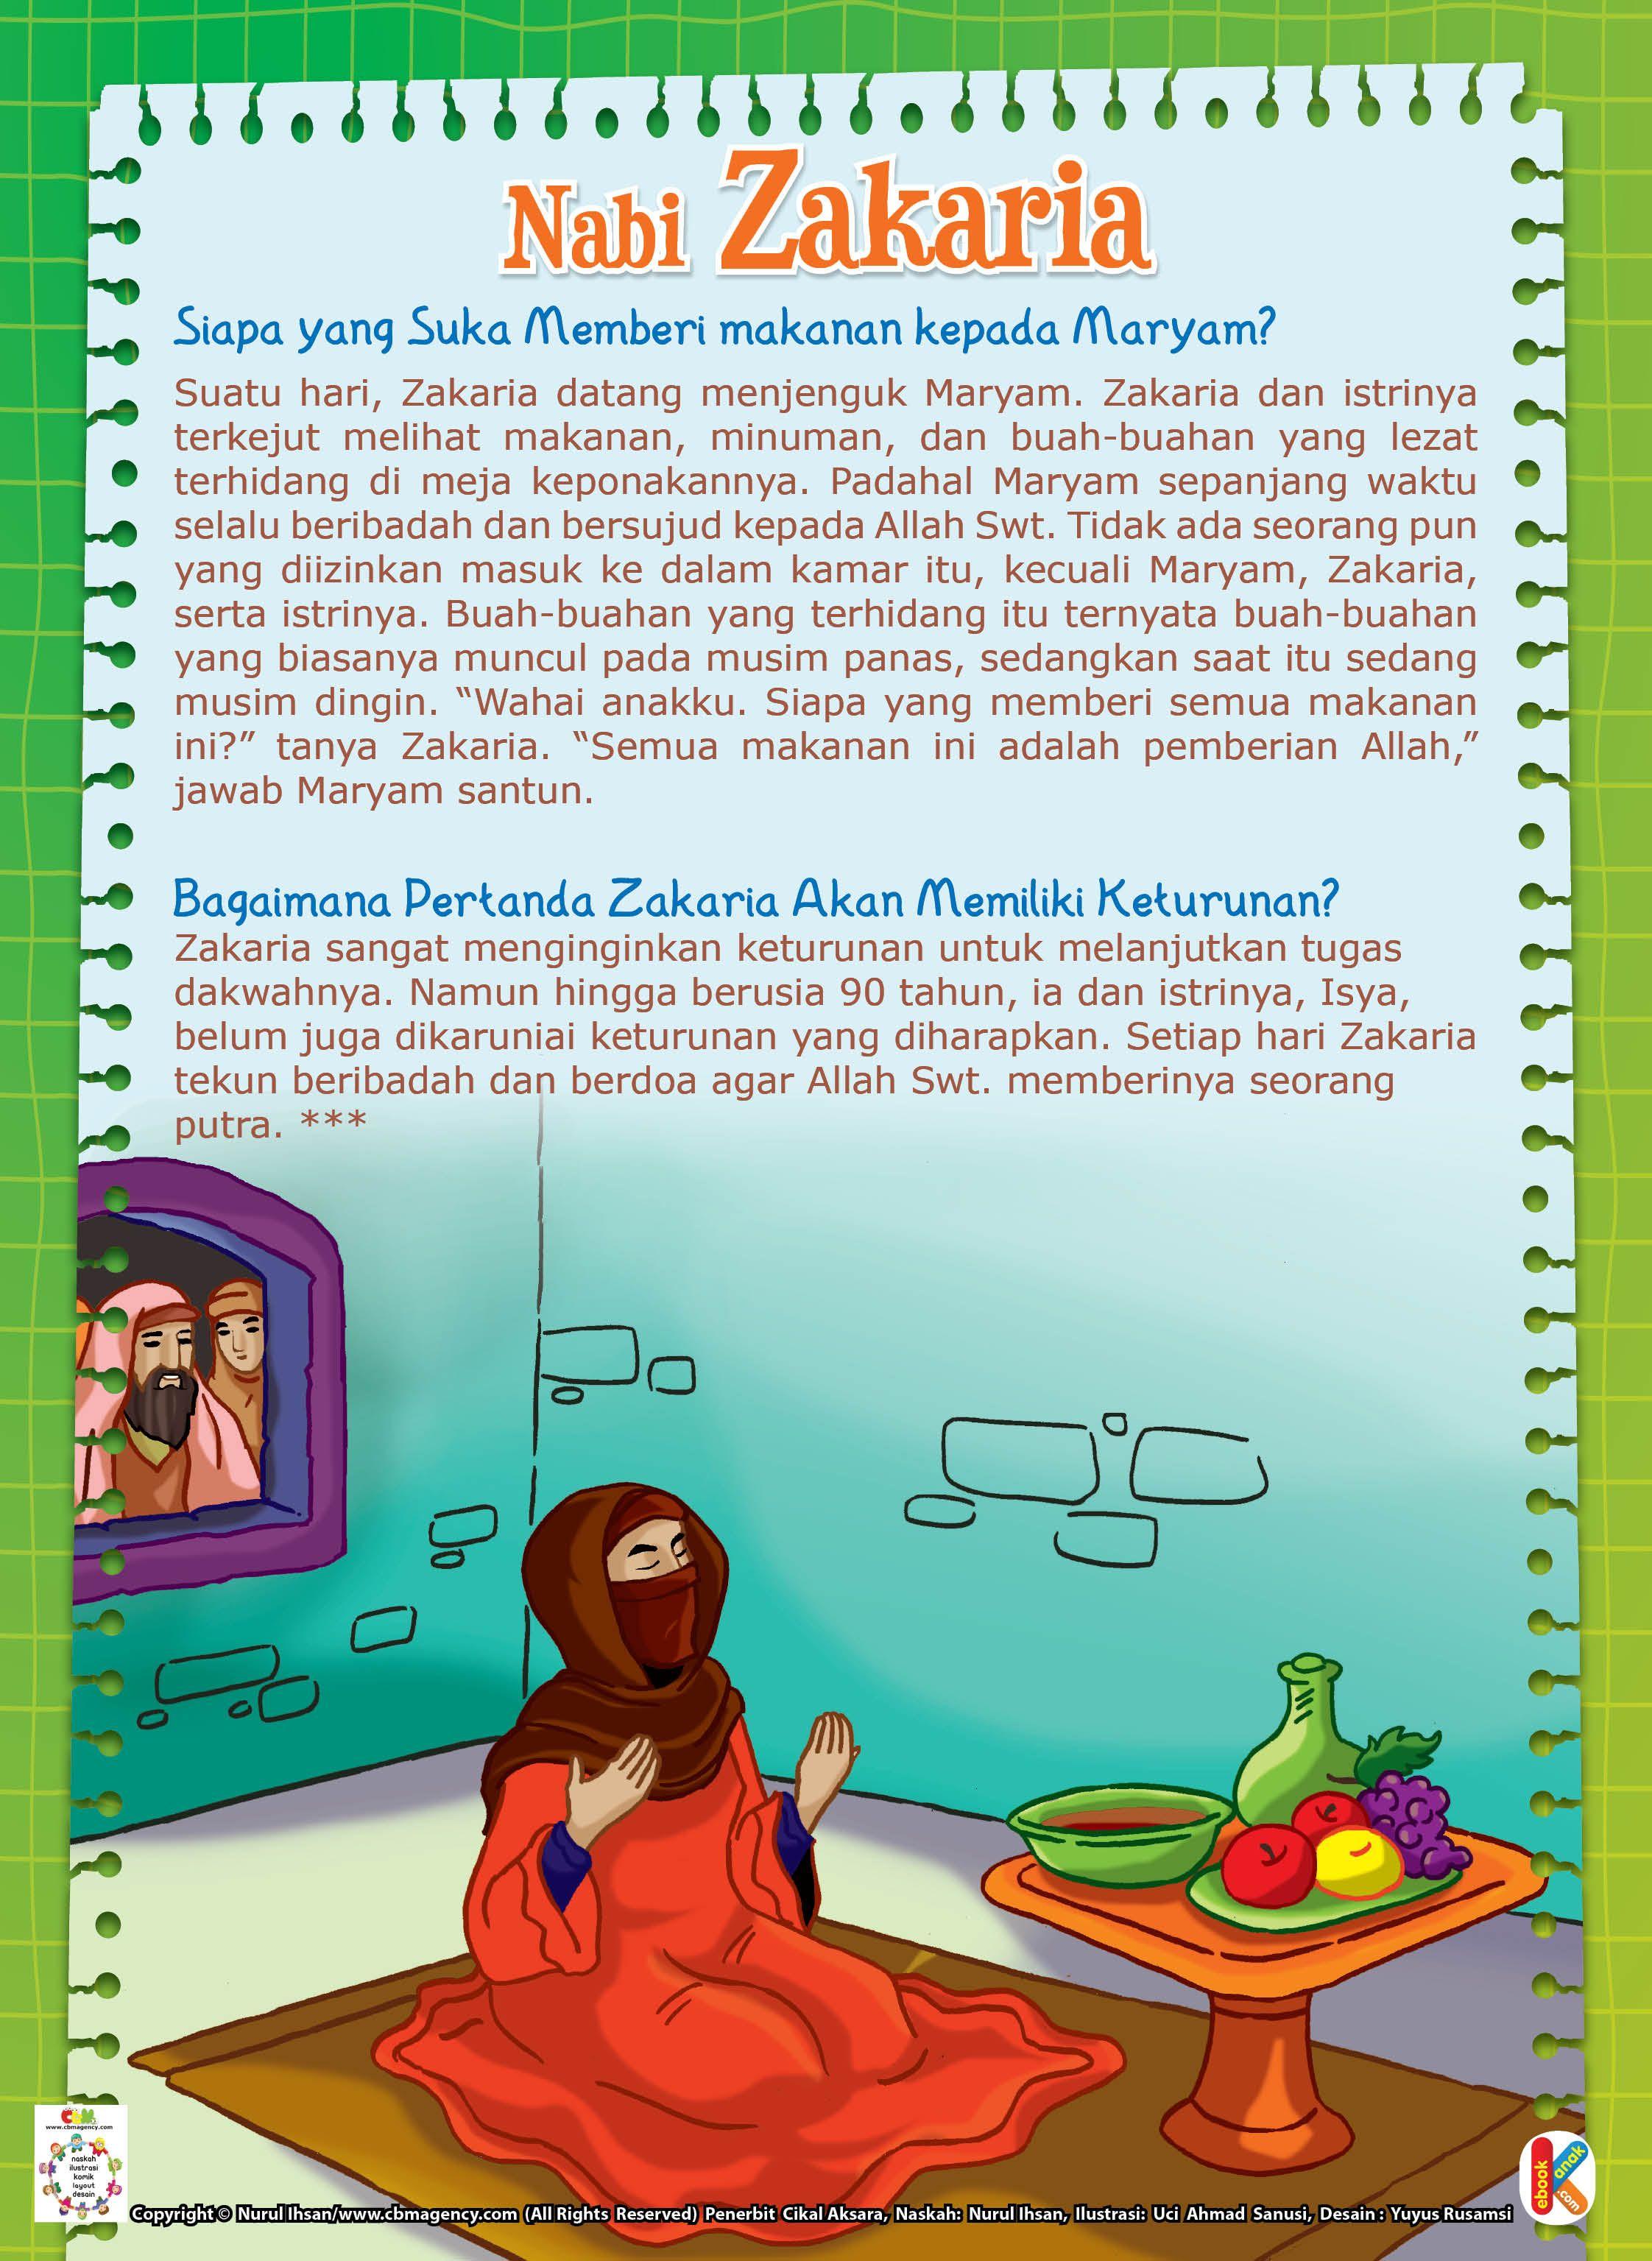 Nabi Zakaria Mendidik Siti Maryam Pendidikan Sejarah Sahabat